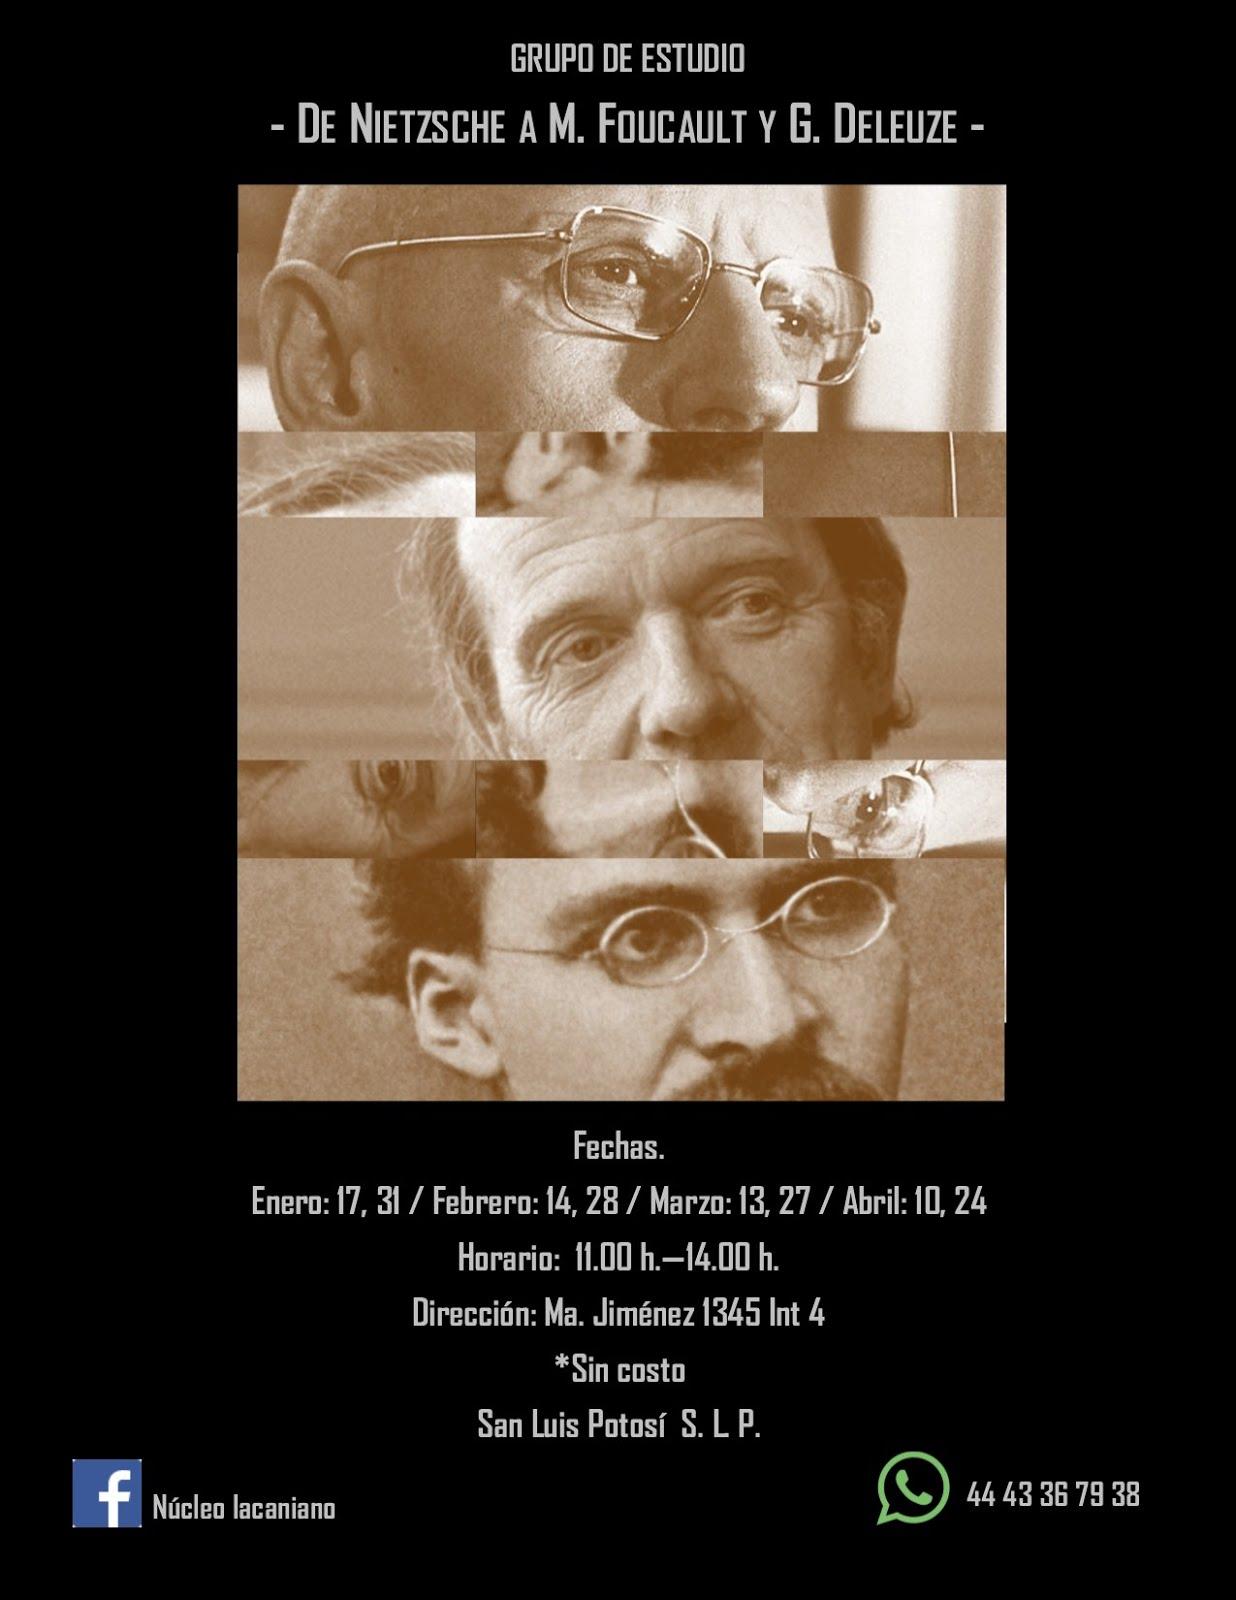 De Nietzsche a M. Foucault y G. Deleuze